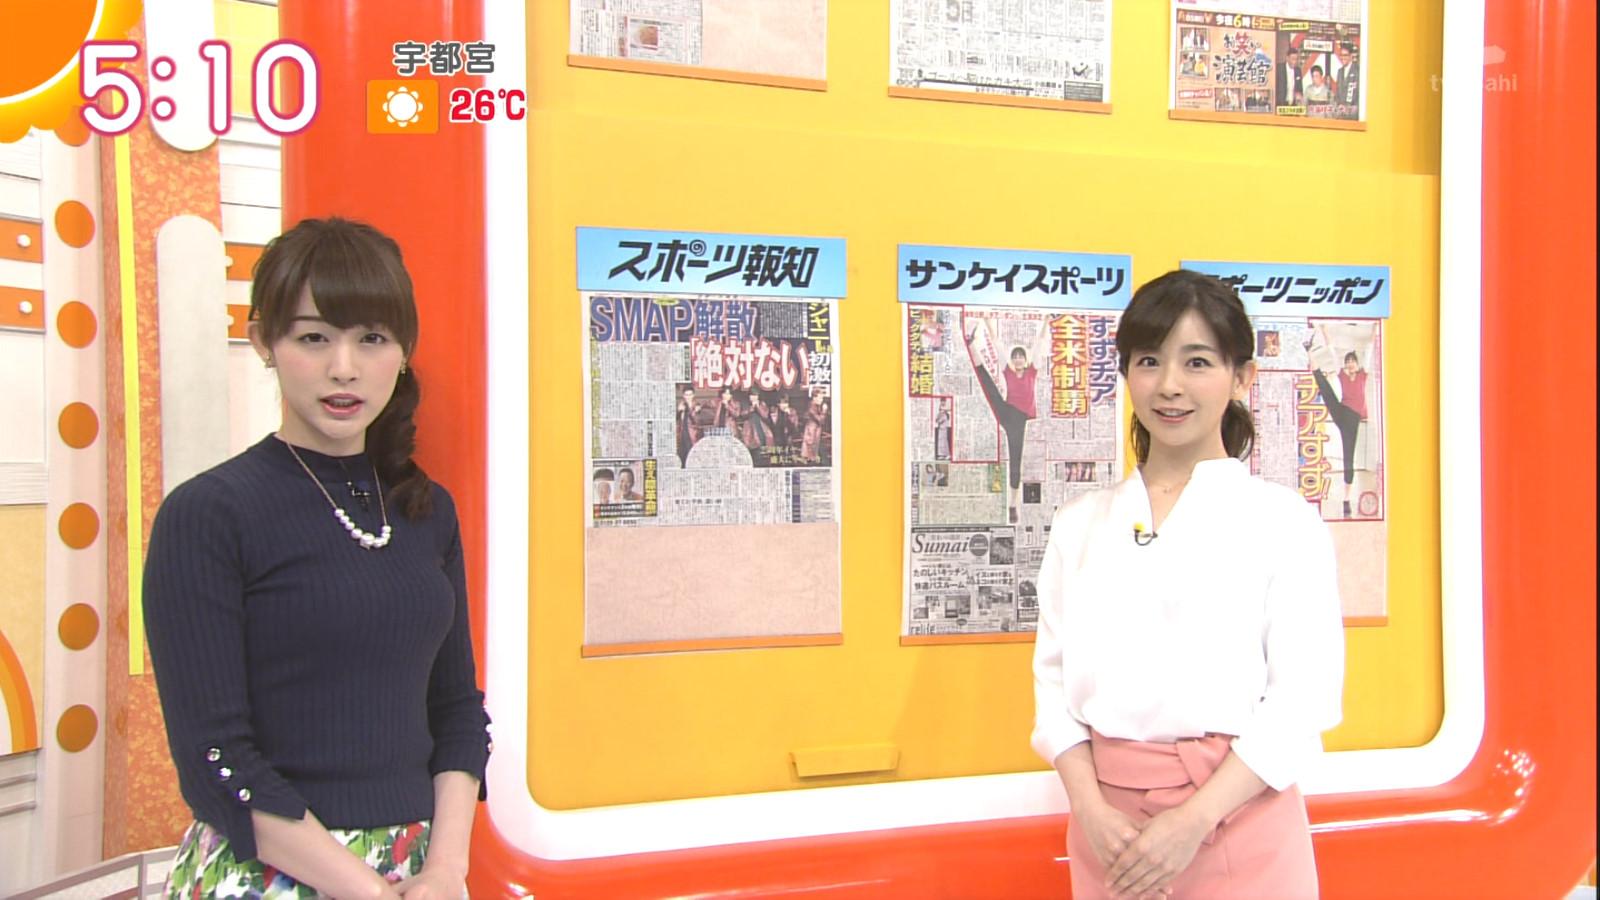 新井恵理那 グラビア&キャプえろ写真25枚☆Dカップ着衣美巨乳がたまらないグッド☆モーニングのフリーアナウンサー